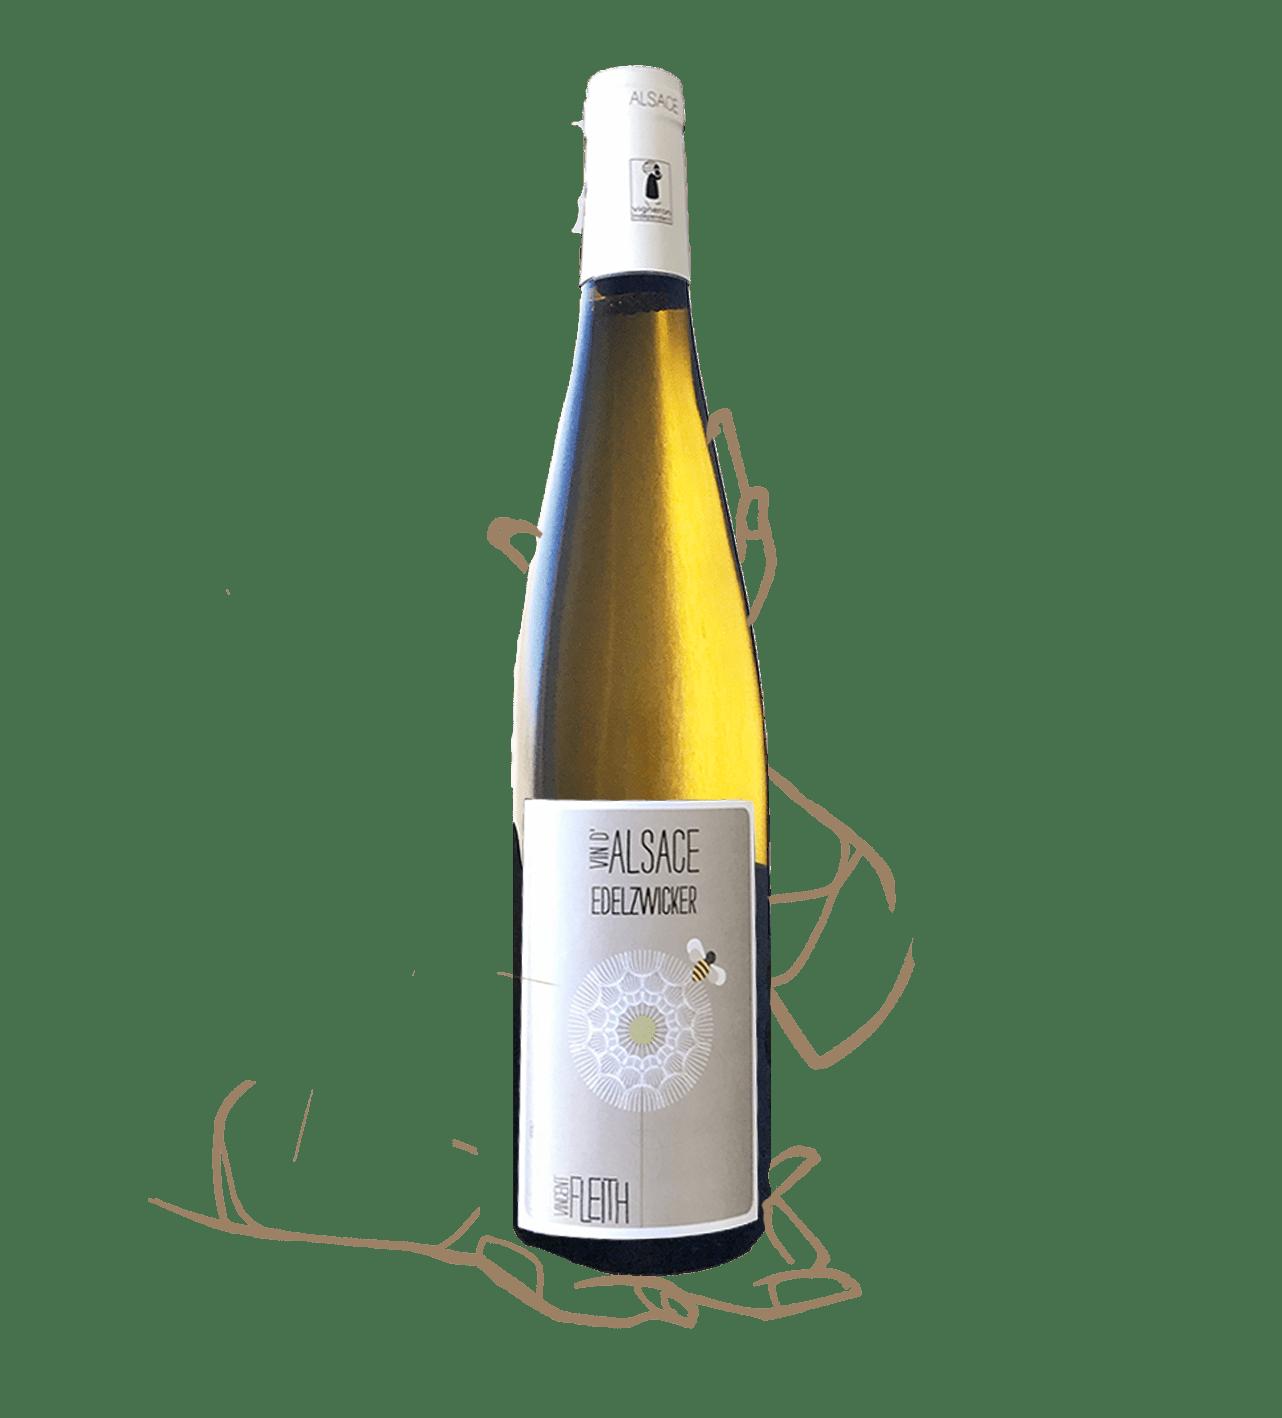 edelzwicker est un vin naturel d'alsace de vincent fleith